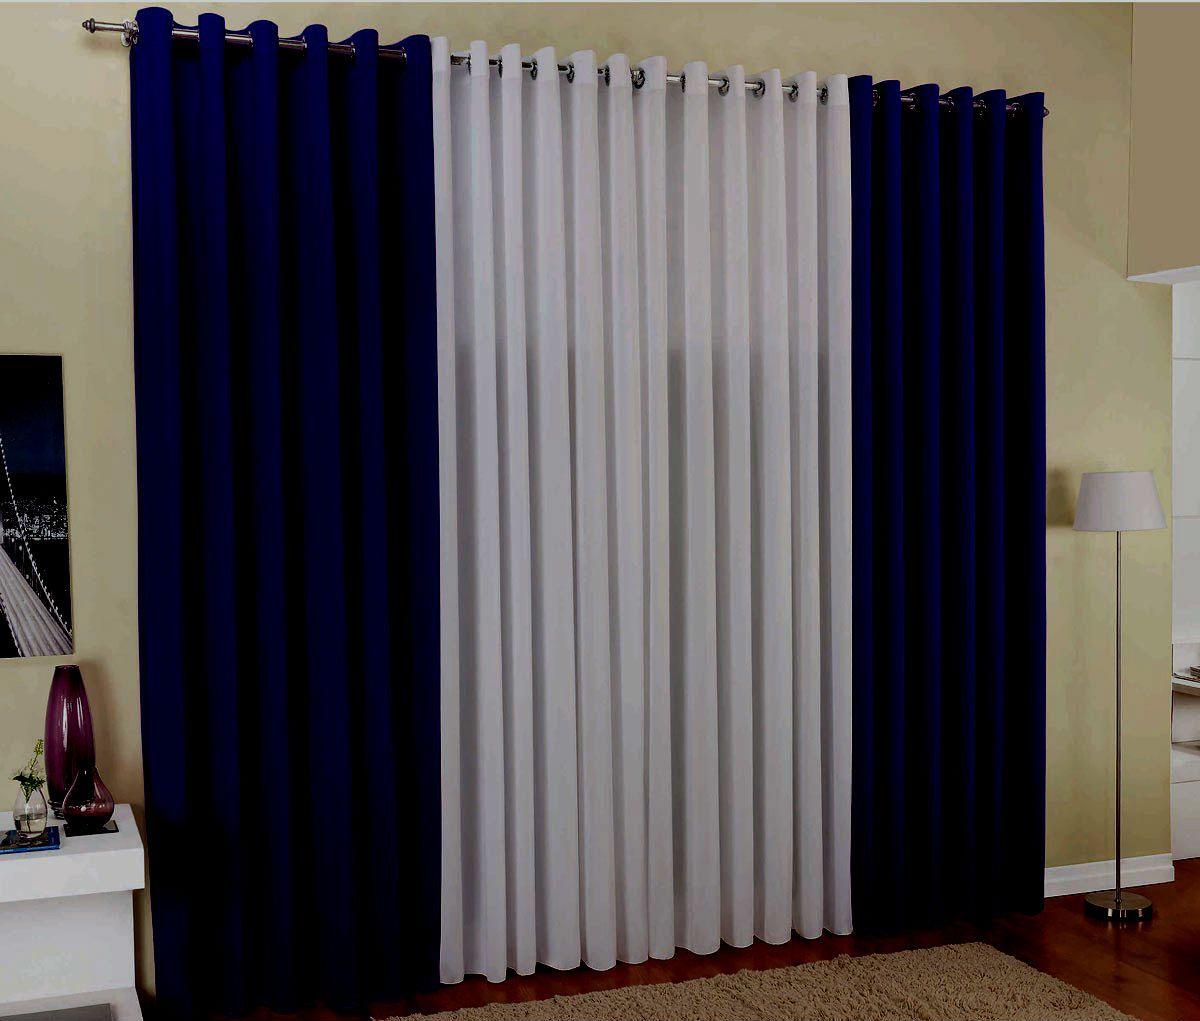 Cortina Para Sala Bicolor Rústica  4,00x2,50 Azul Marinho E Branca